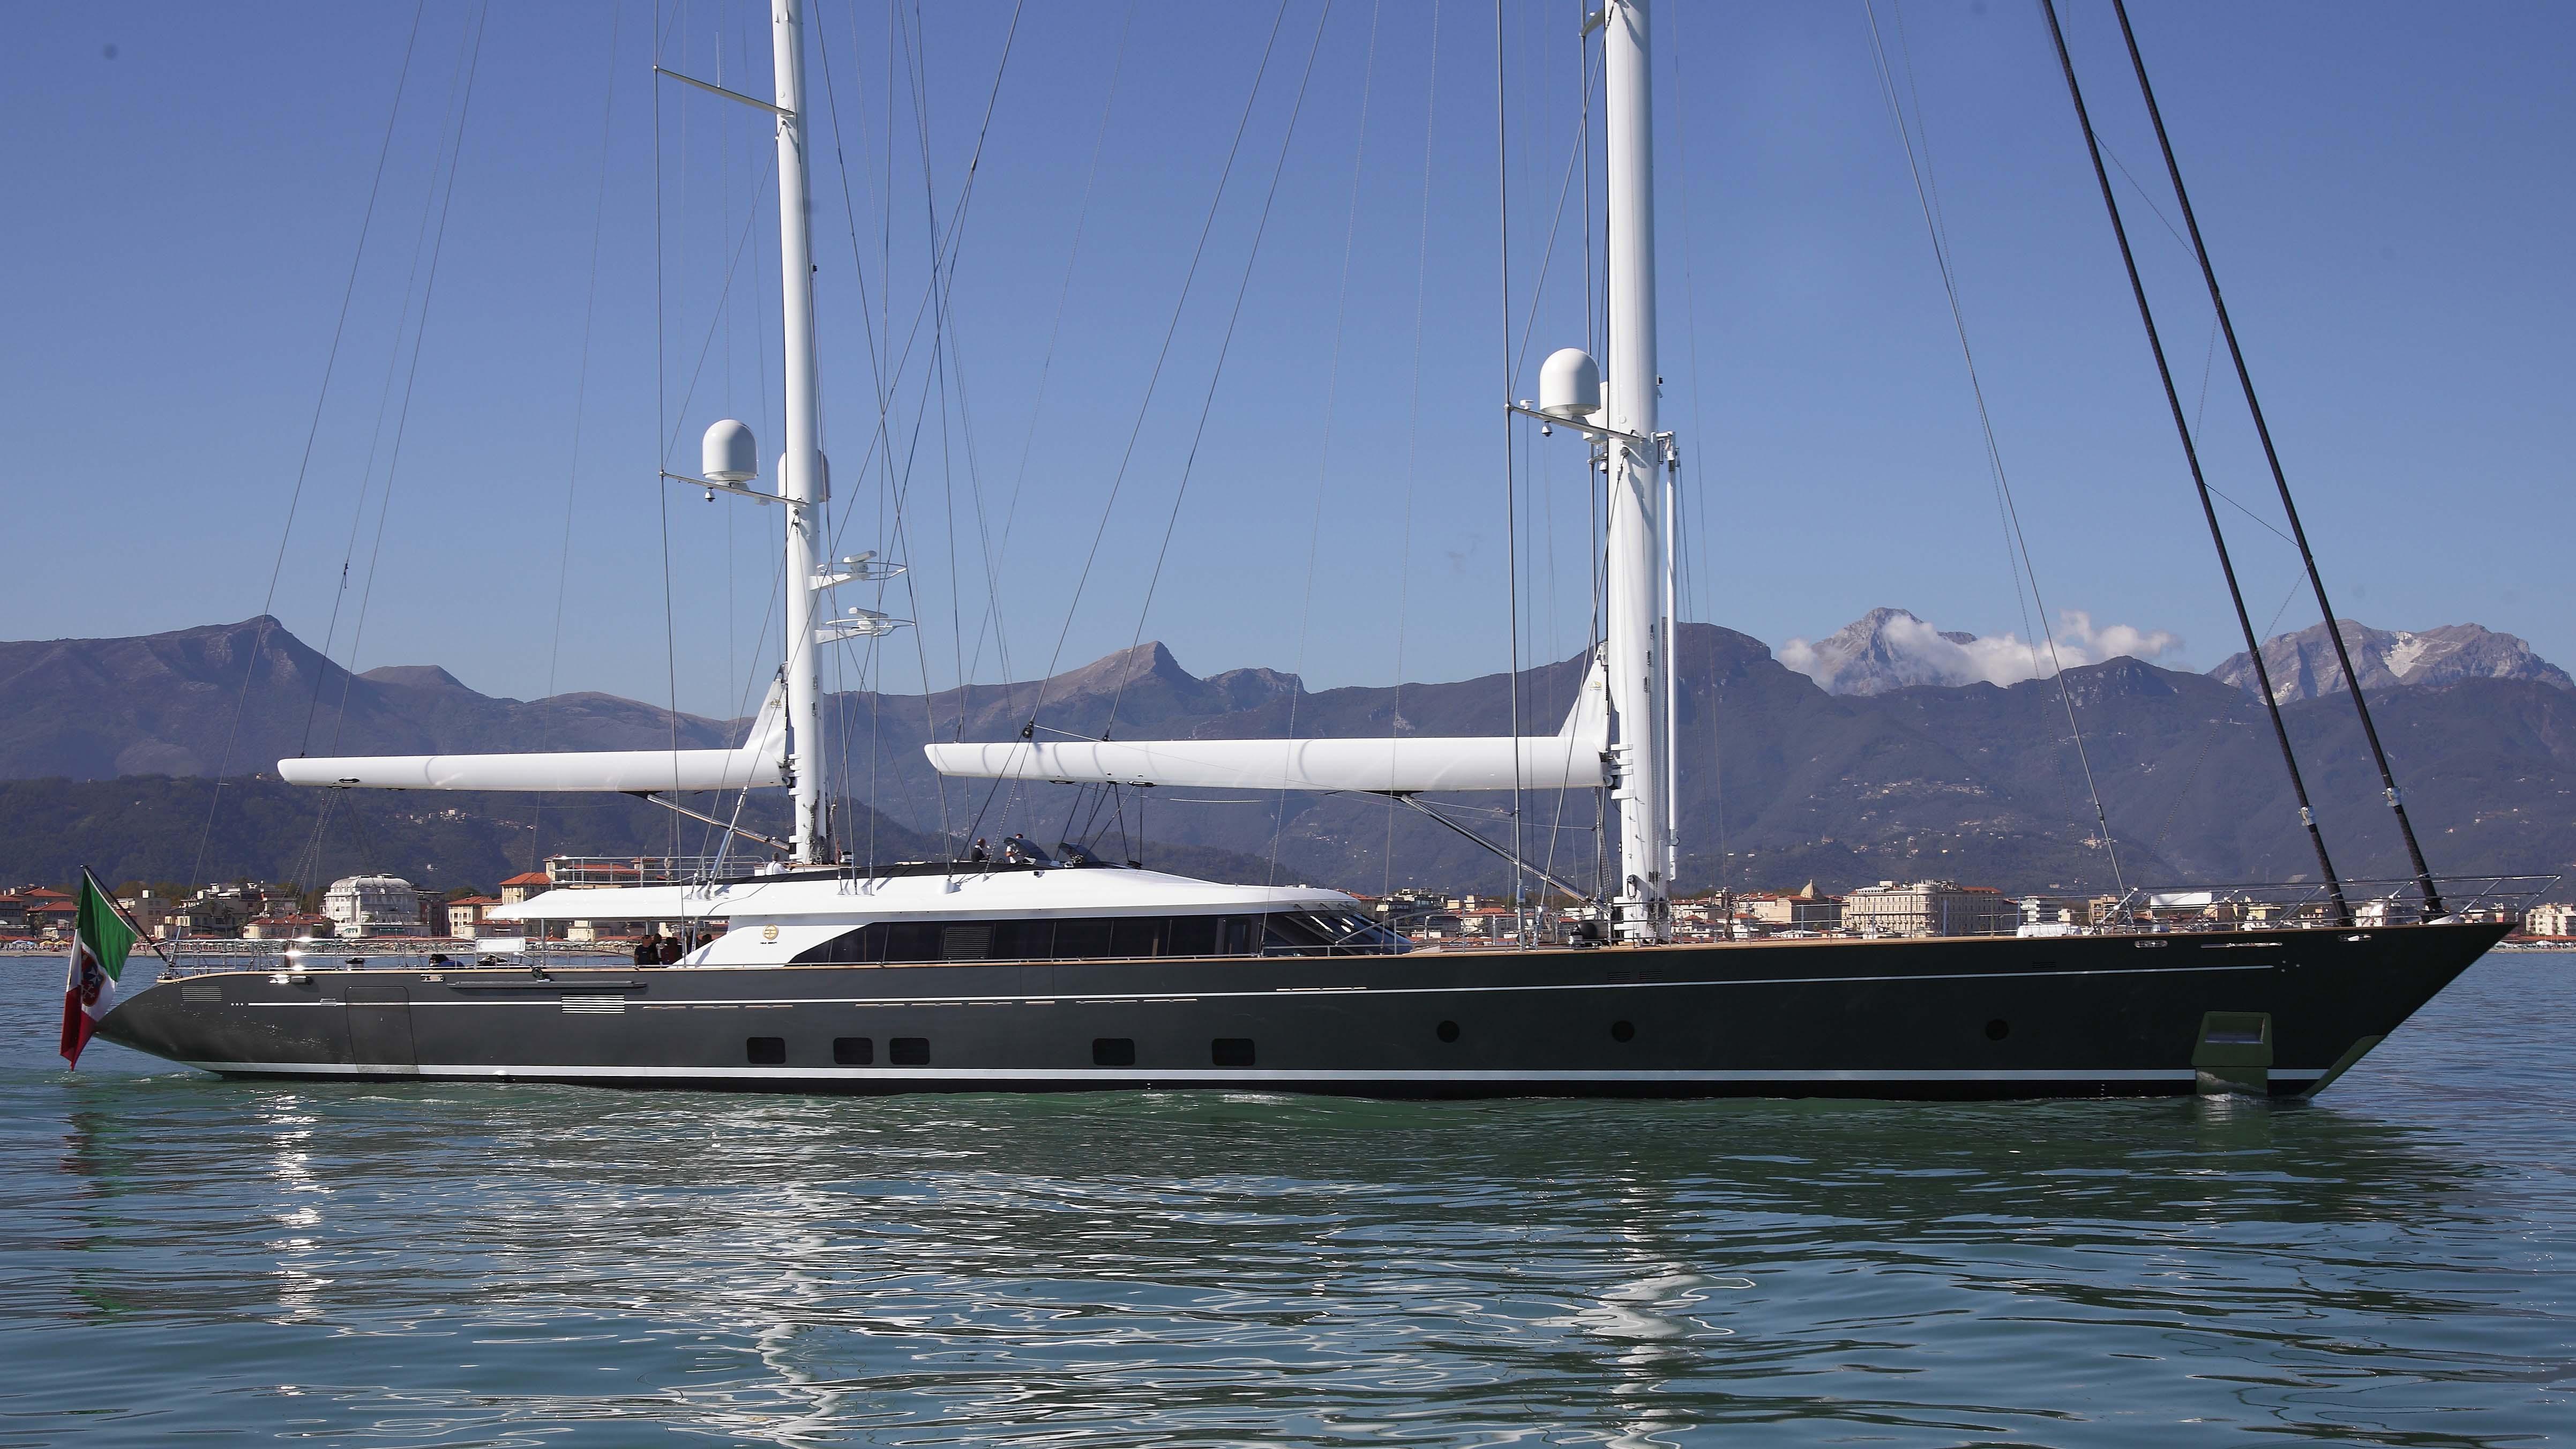 sailing superyacht Perini Navi Italian